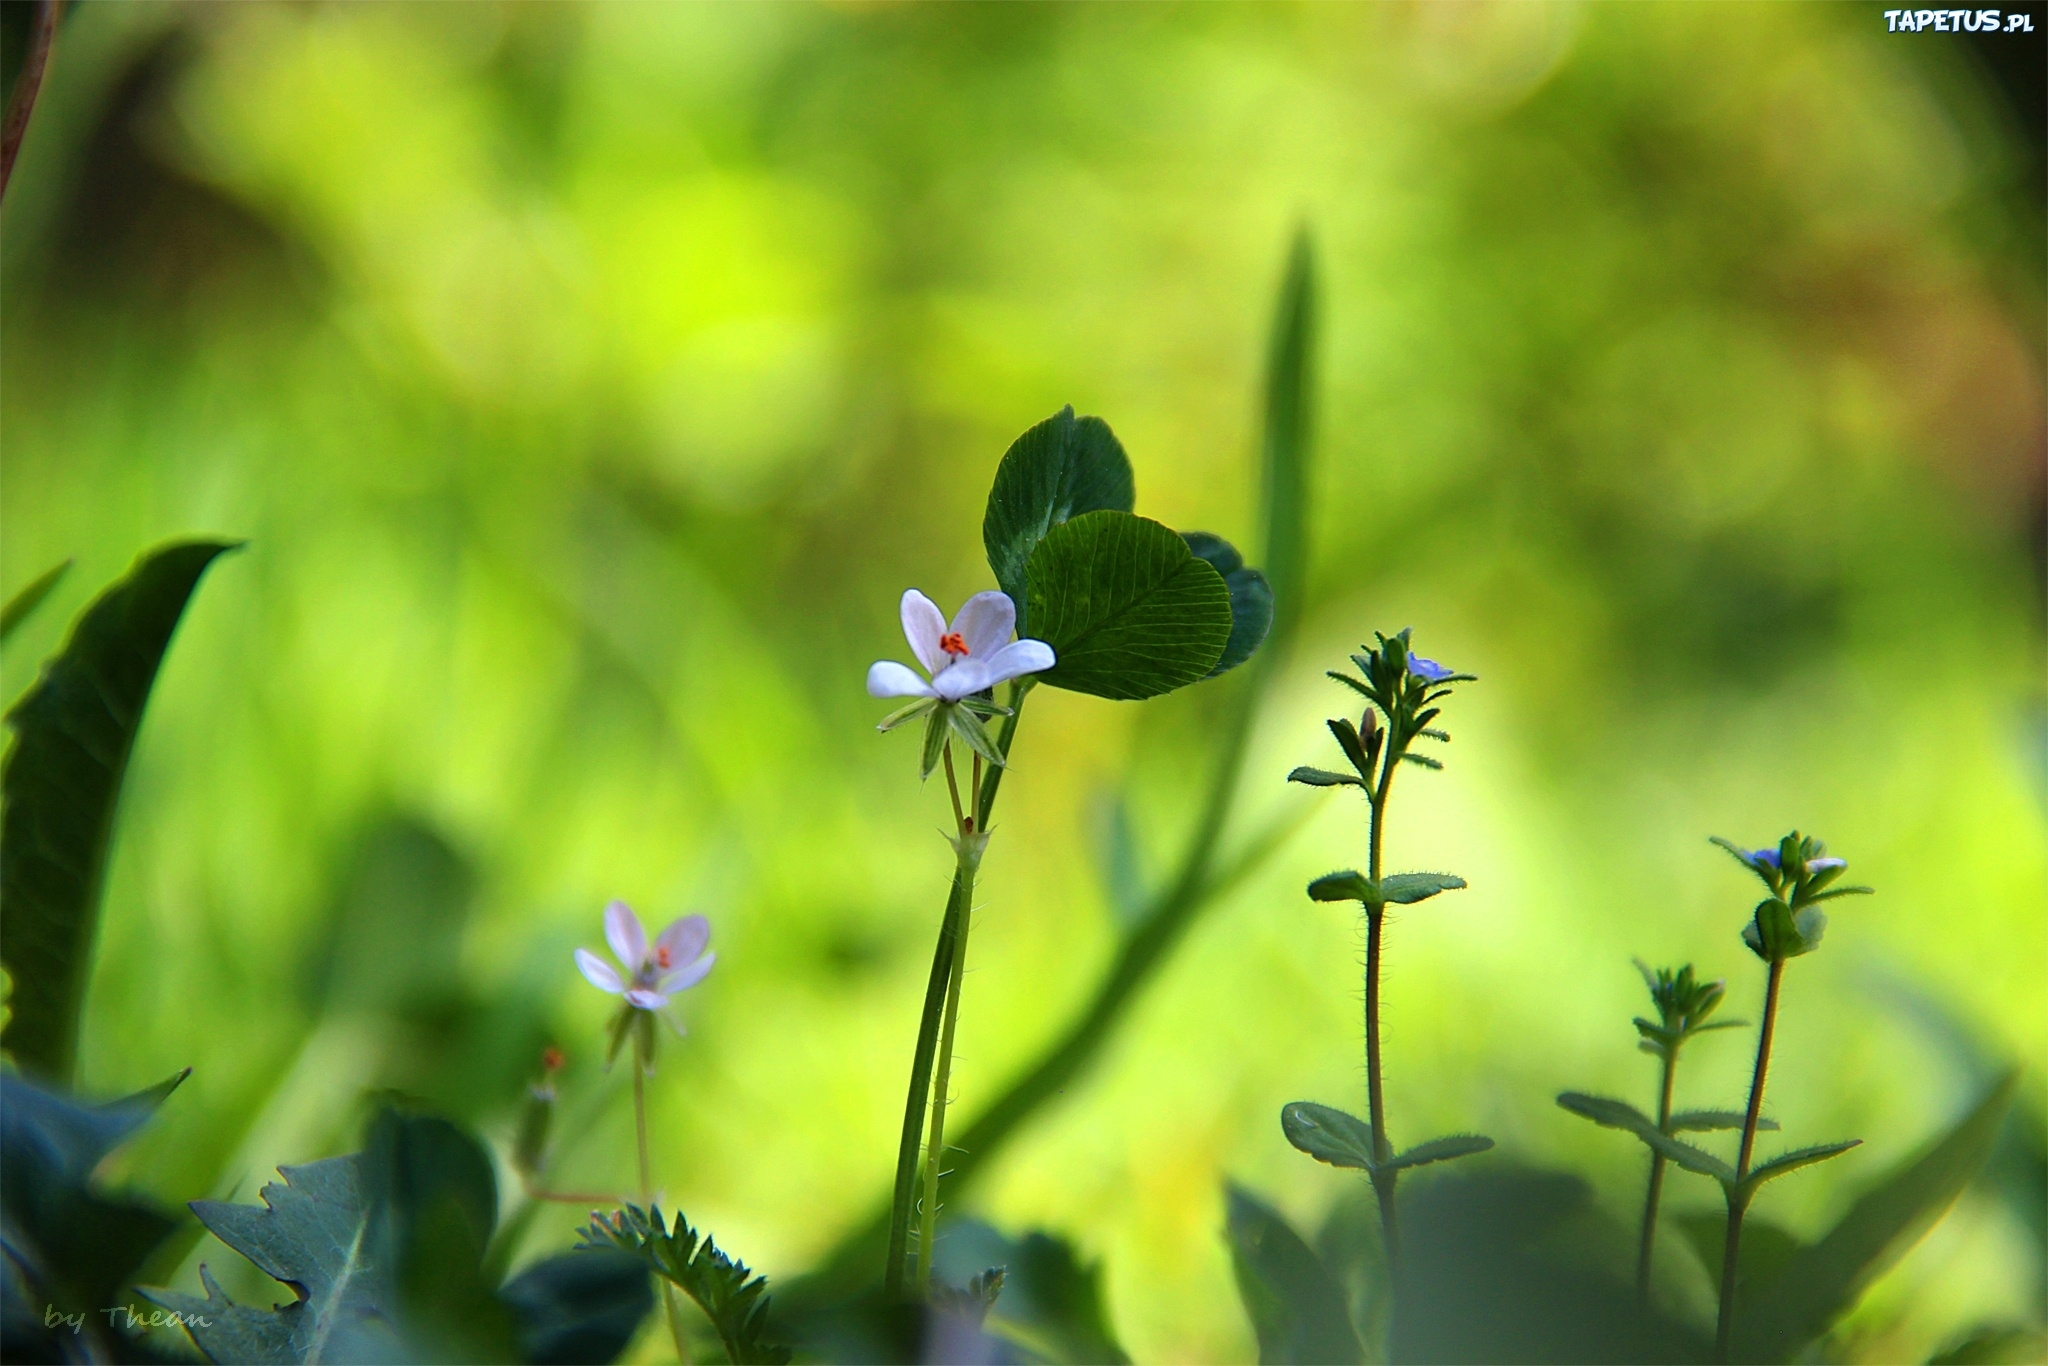 Цветы клевер  № 1341192 загрузить